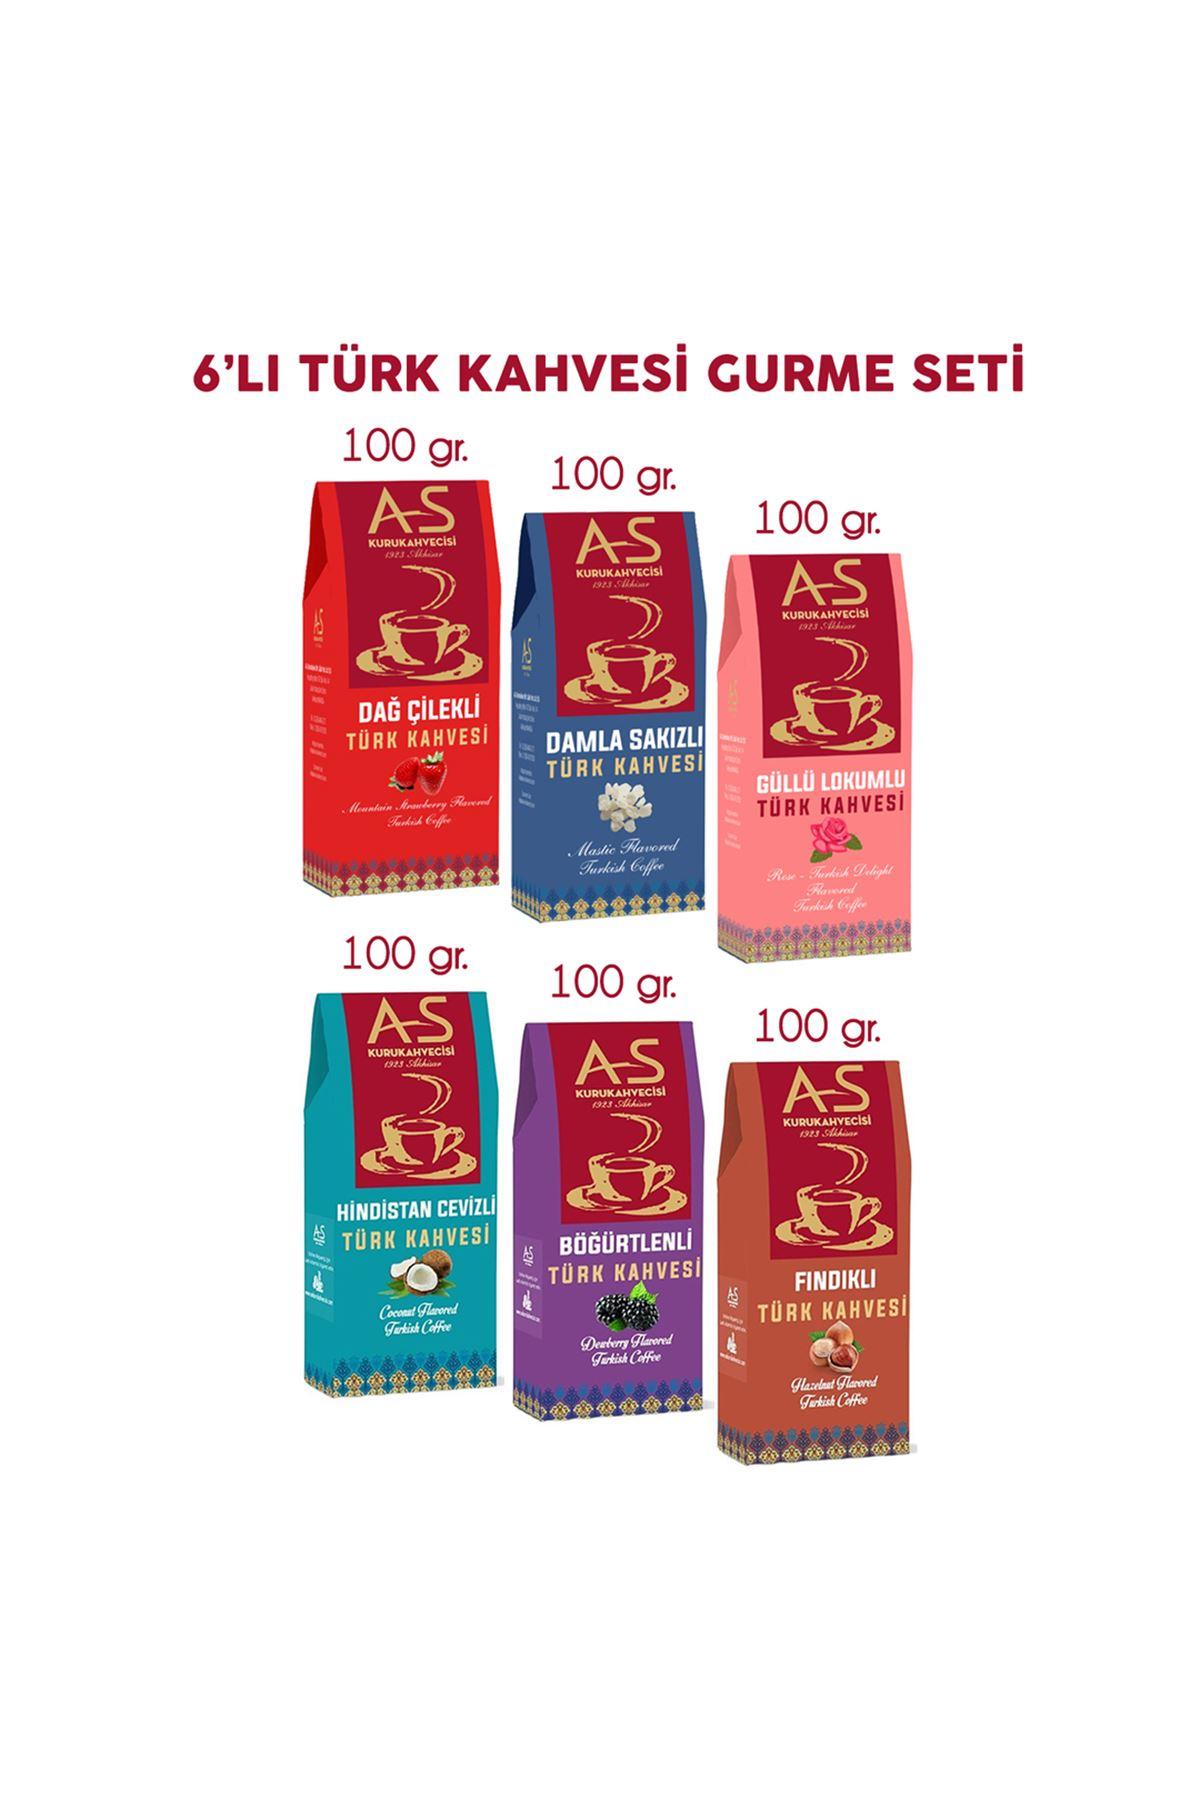 6'lı Türk Kahvesi Gurme Seti